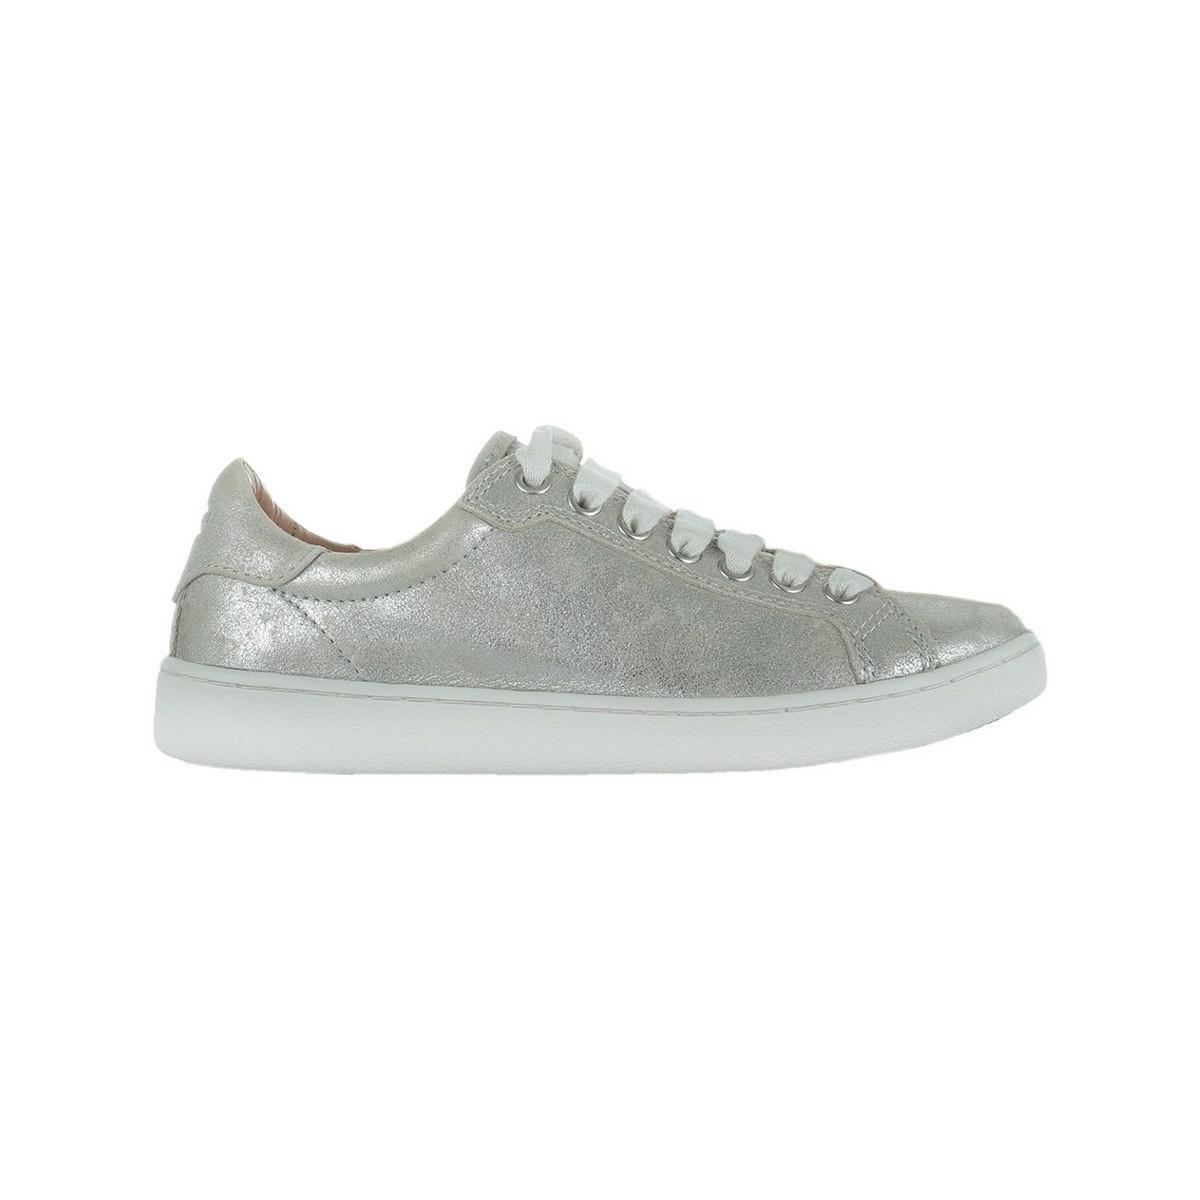 0c7b9aa8d70 UGG Milo Stardust Women's Shoes (trainers) In Silver in Metallic - Lyst